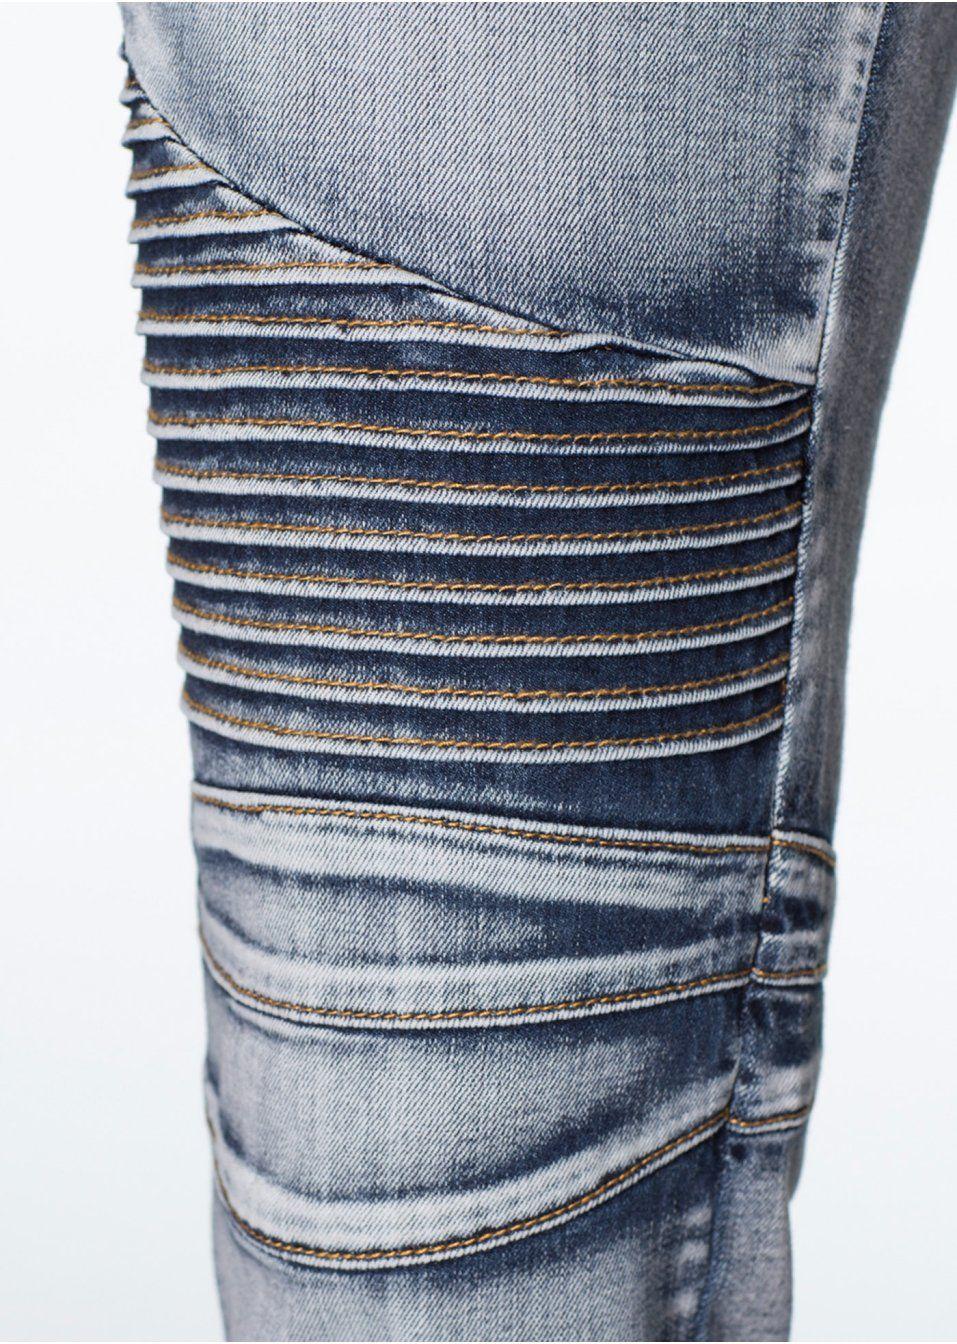 Skinny fit džínsy S výrazným biker • 29.99 € • bonprix